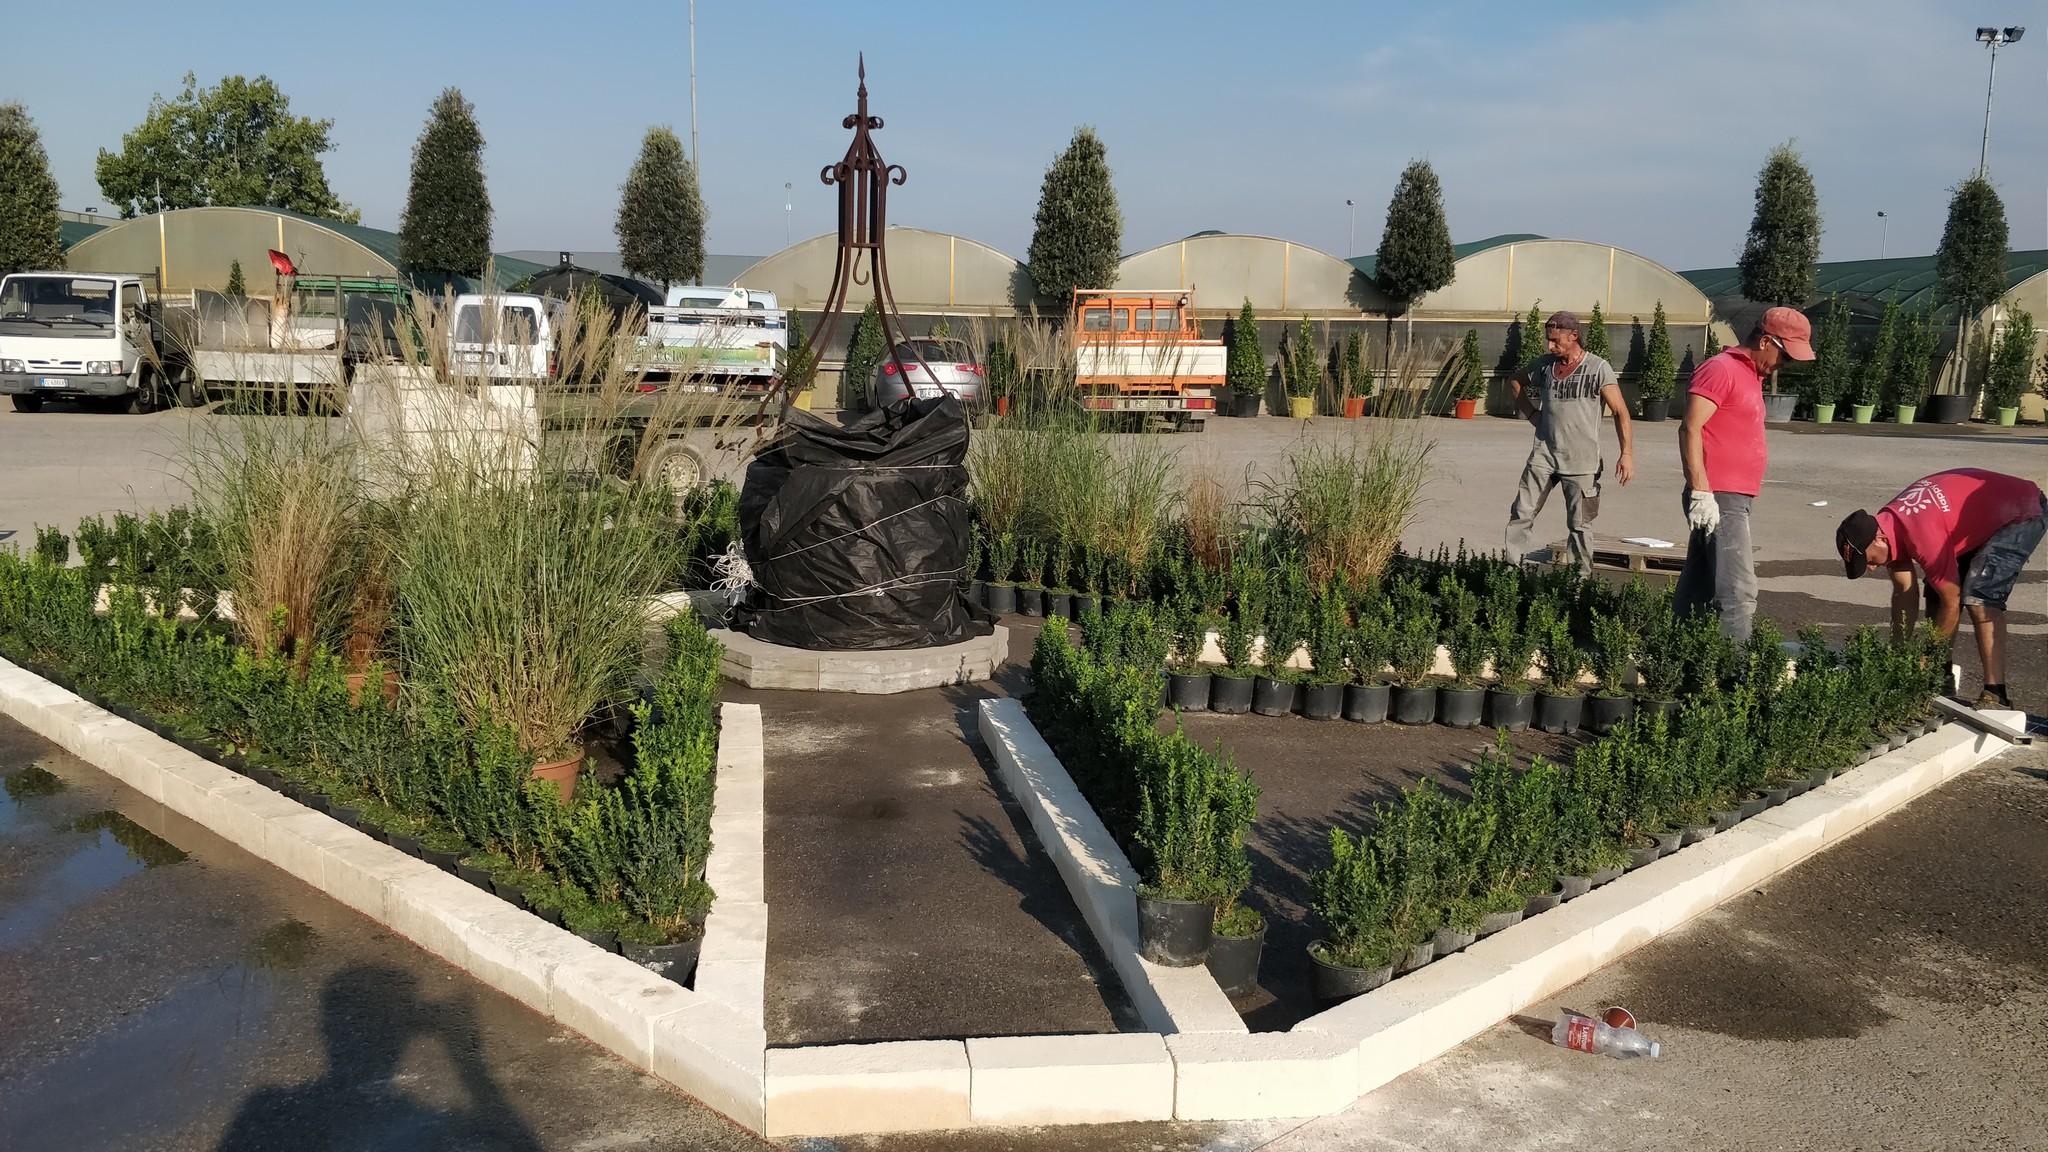 Concorso giardini Verdeggiando_19 Incontro (3539V) Rosanna De Florio